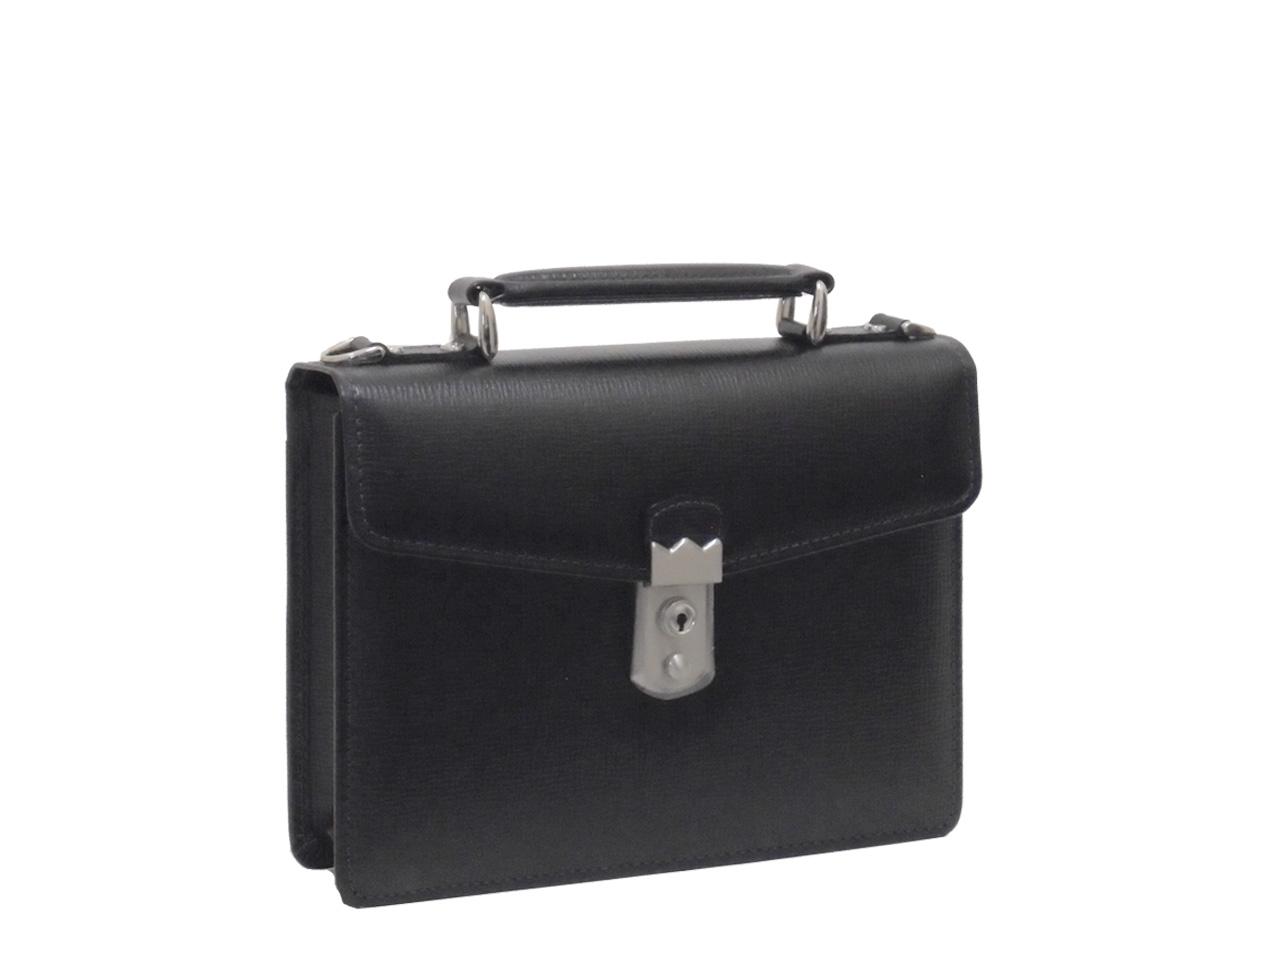 青木鞄 Lugard・BALBOS ラガード・バルボス メンズ カブセ セカンドバッグ 4412 MADE IN JAPAN(日本製)